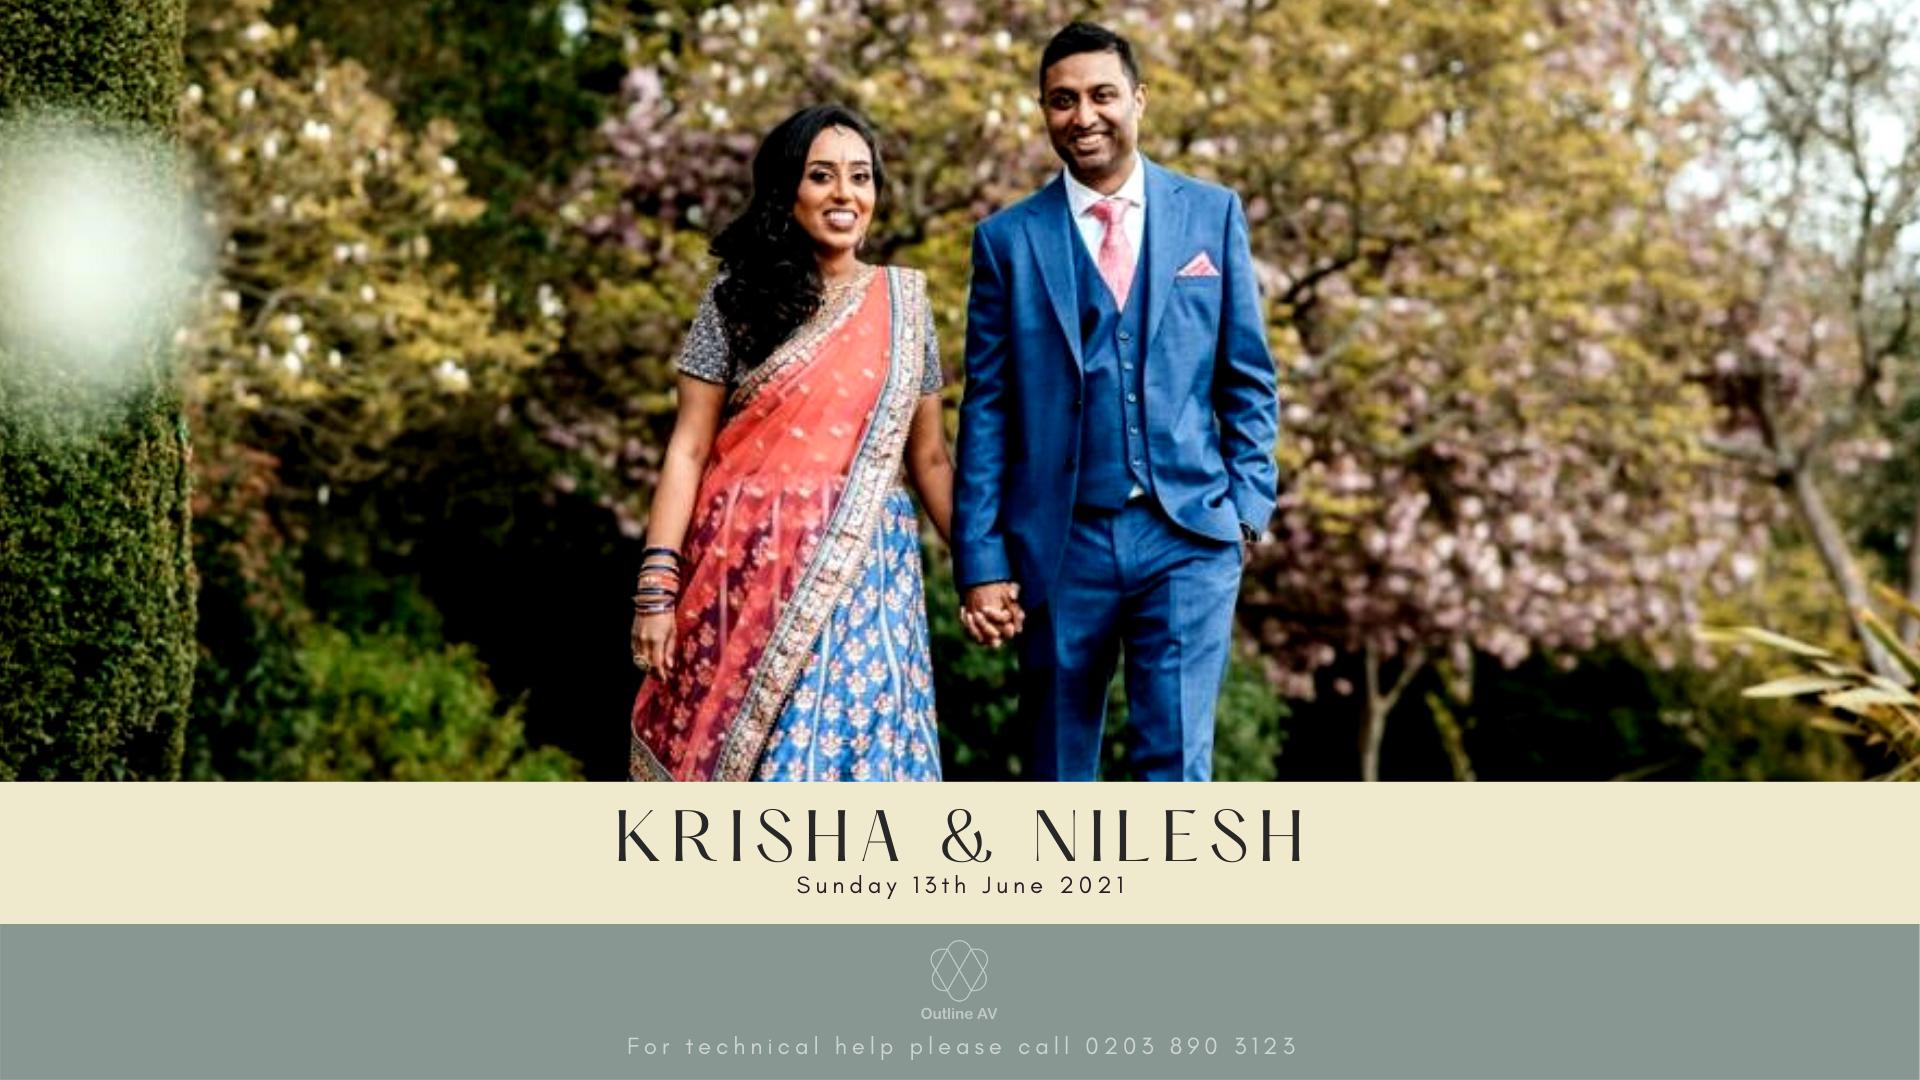 Krisha & Nilesh - Live Stream